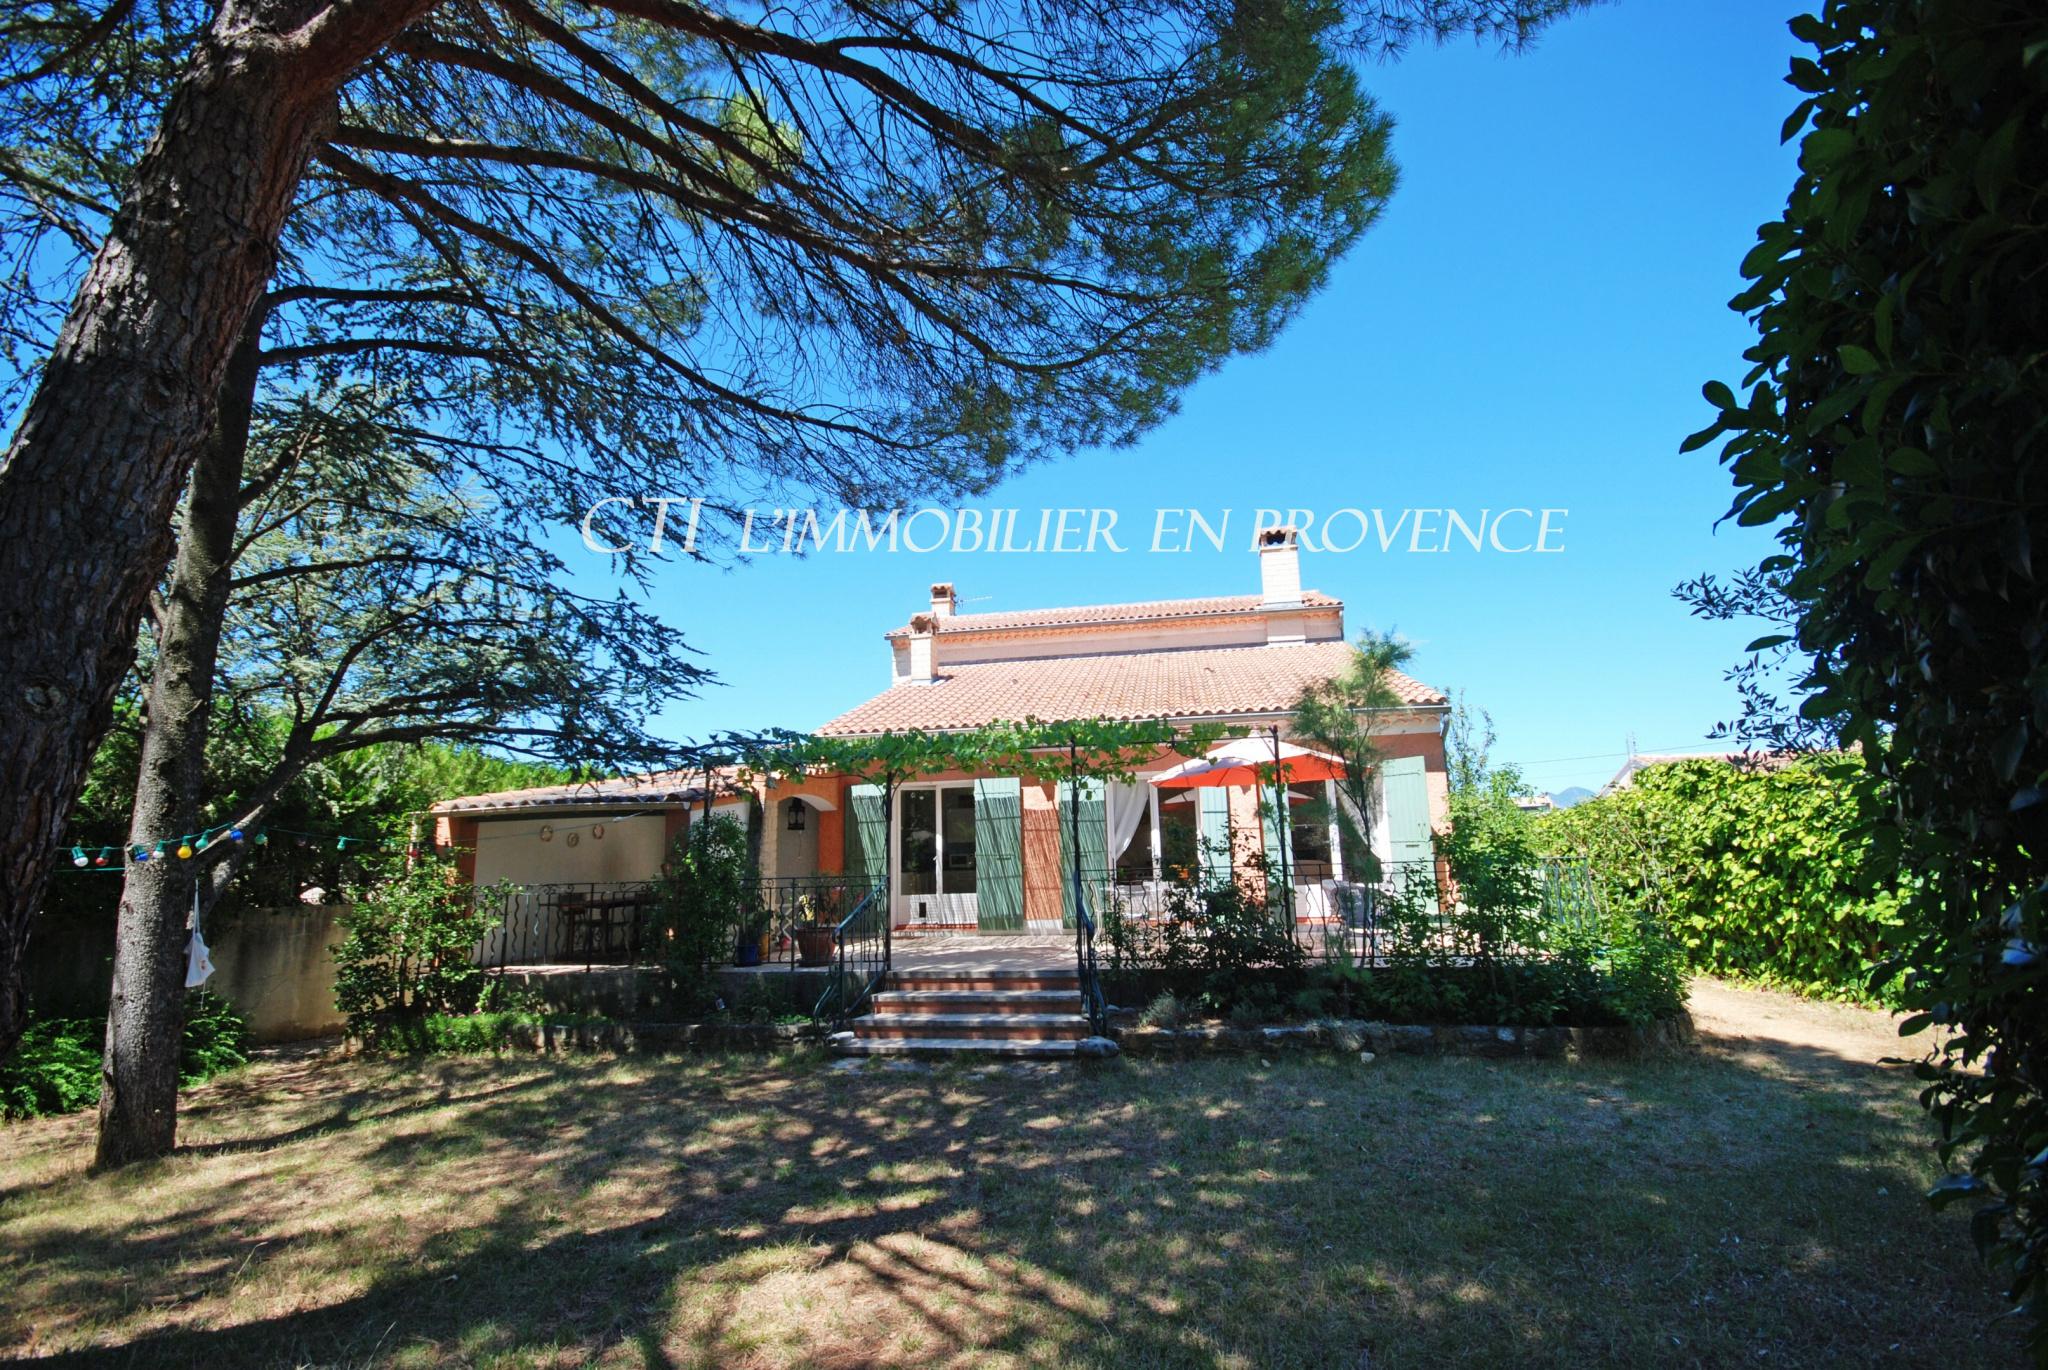 0 www.cti-provence.net, vente grande maison proche centre ville Vaison, beau jardin, piscine,d